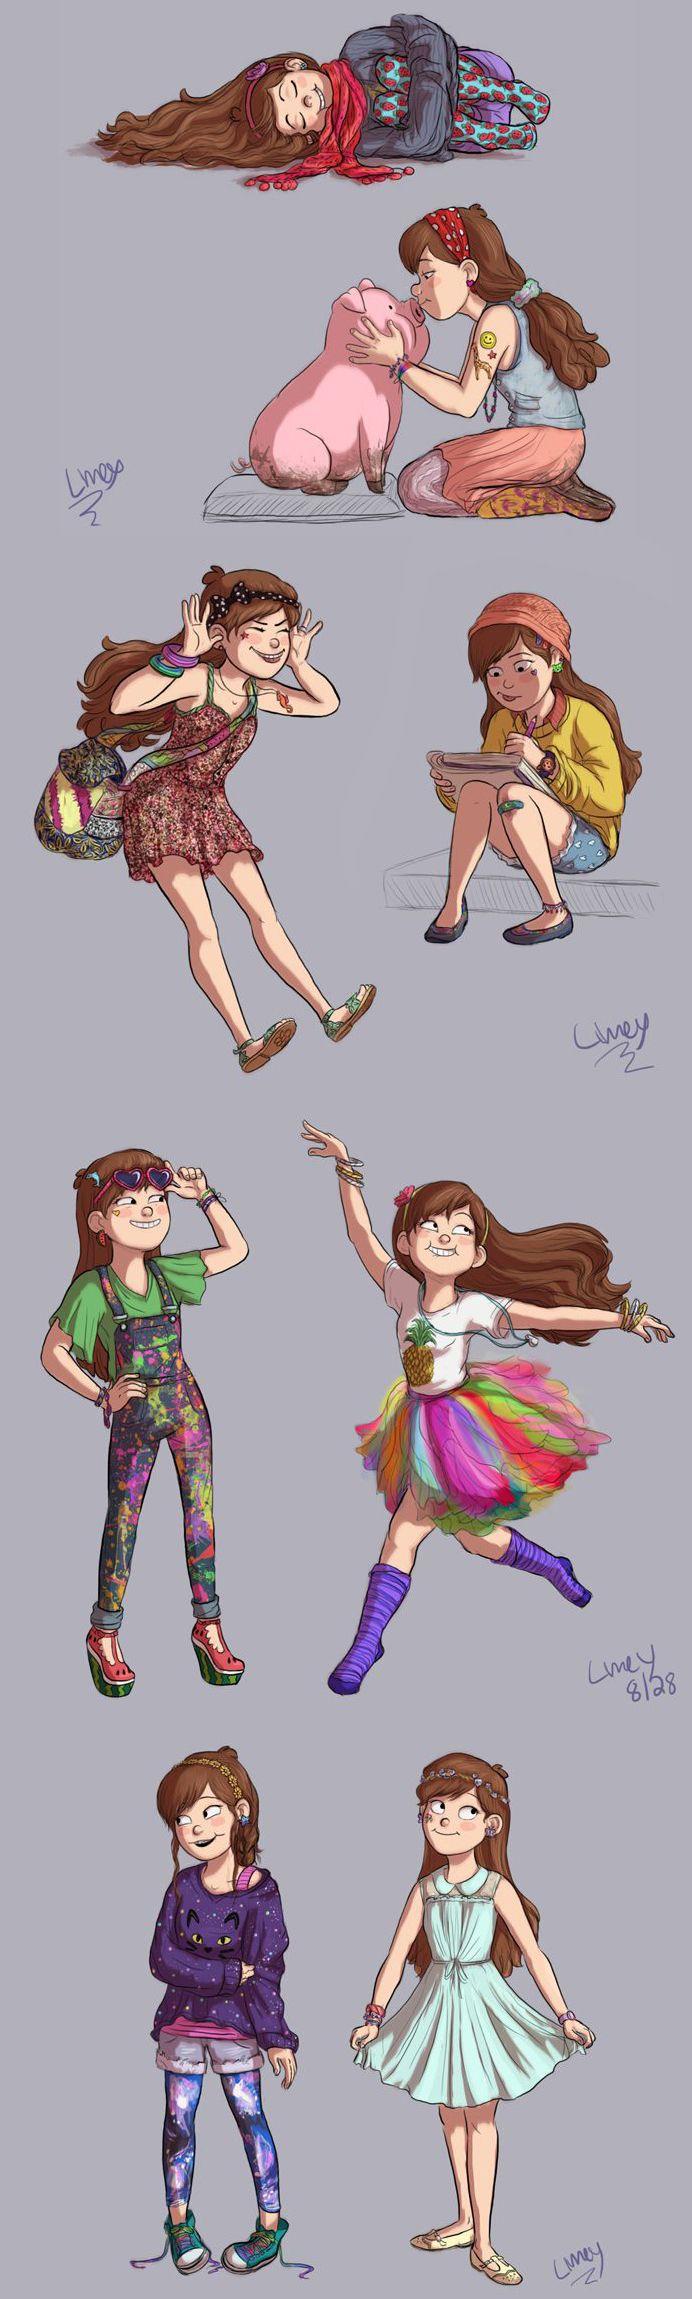 Mabellimey404Tumblrcom  Gravity Falls, Cartoon, Drawings